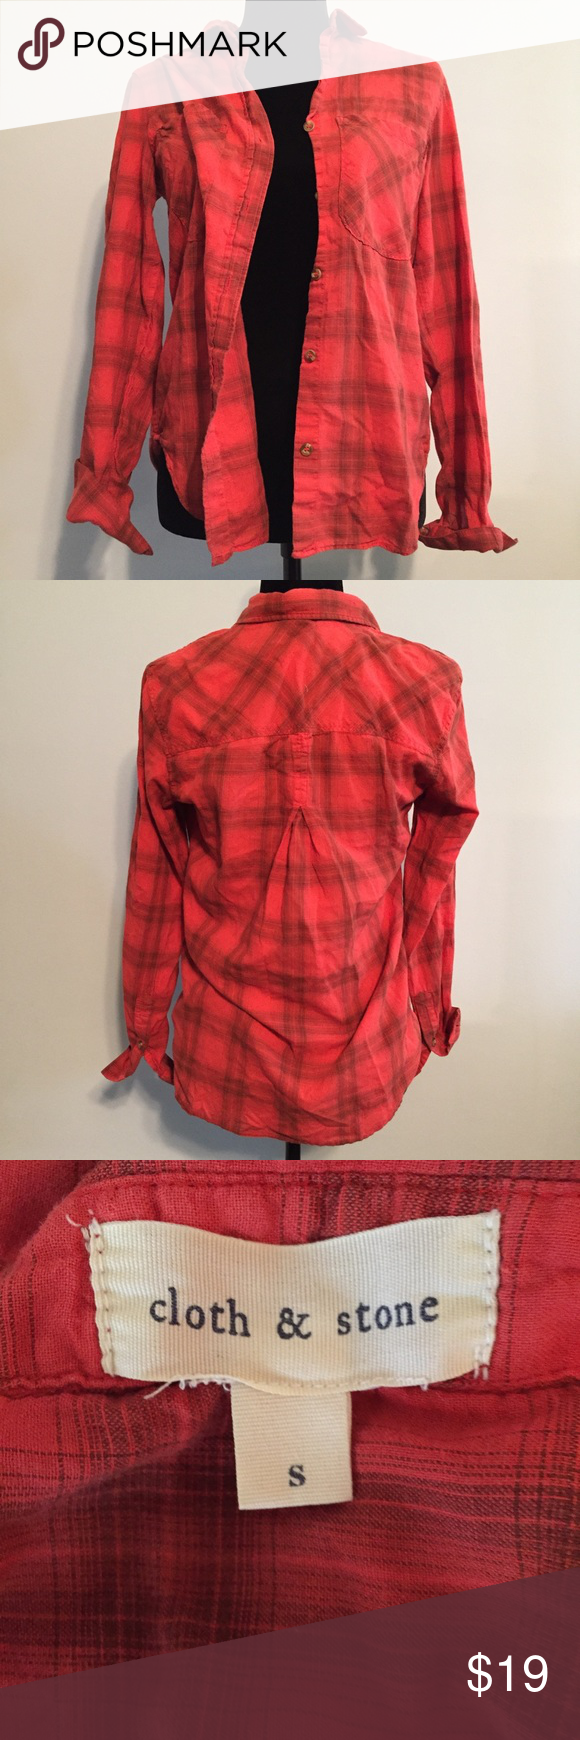 Orange flannel jacket  Anthropologie Cloth u Stone S RedOrange Flannel  Plaid pattern